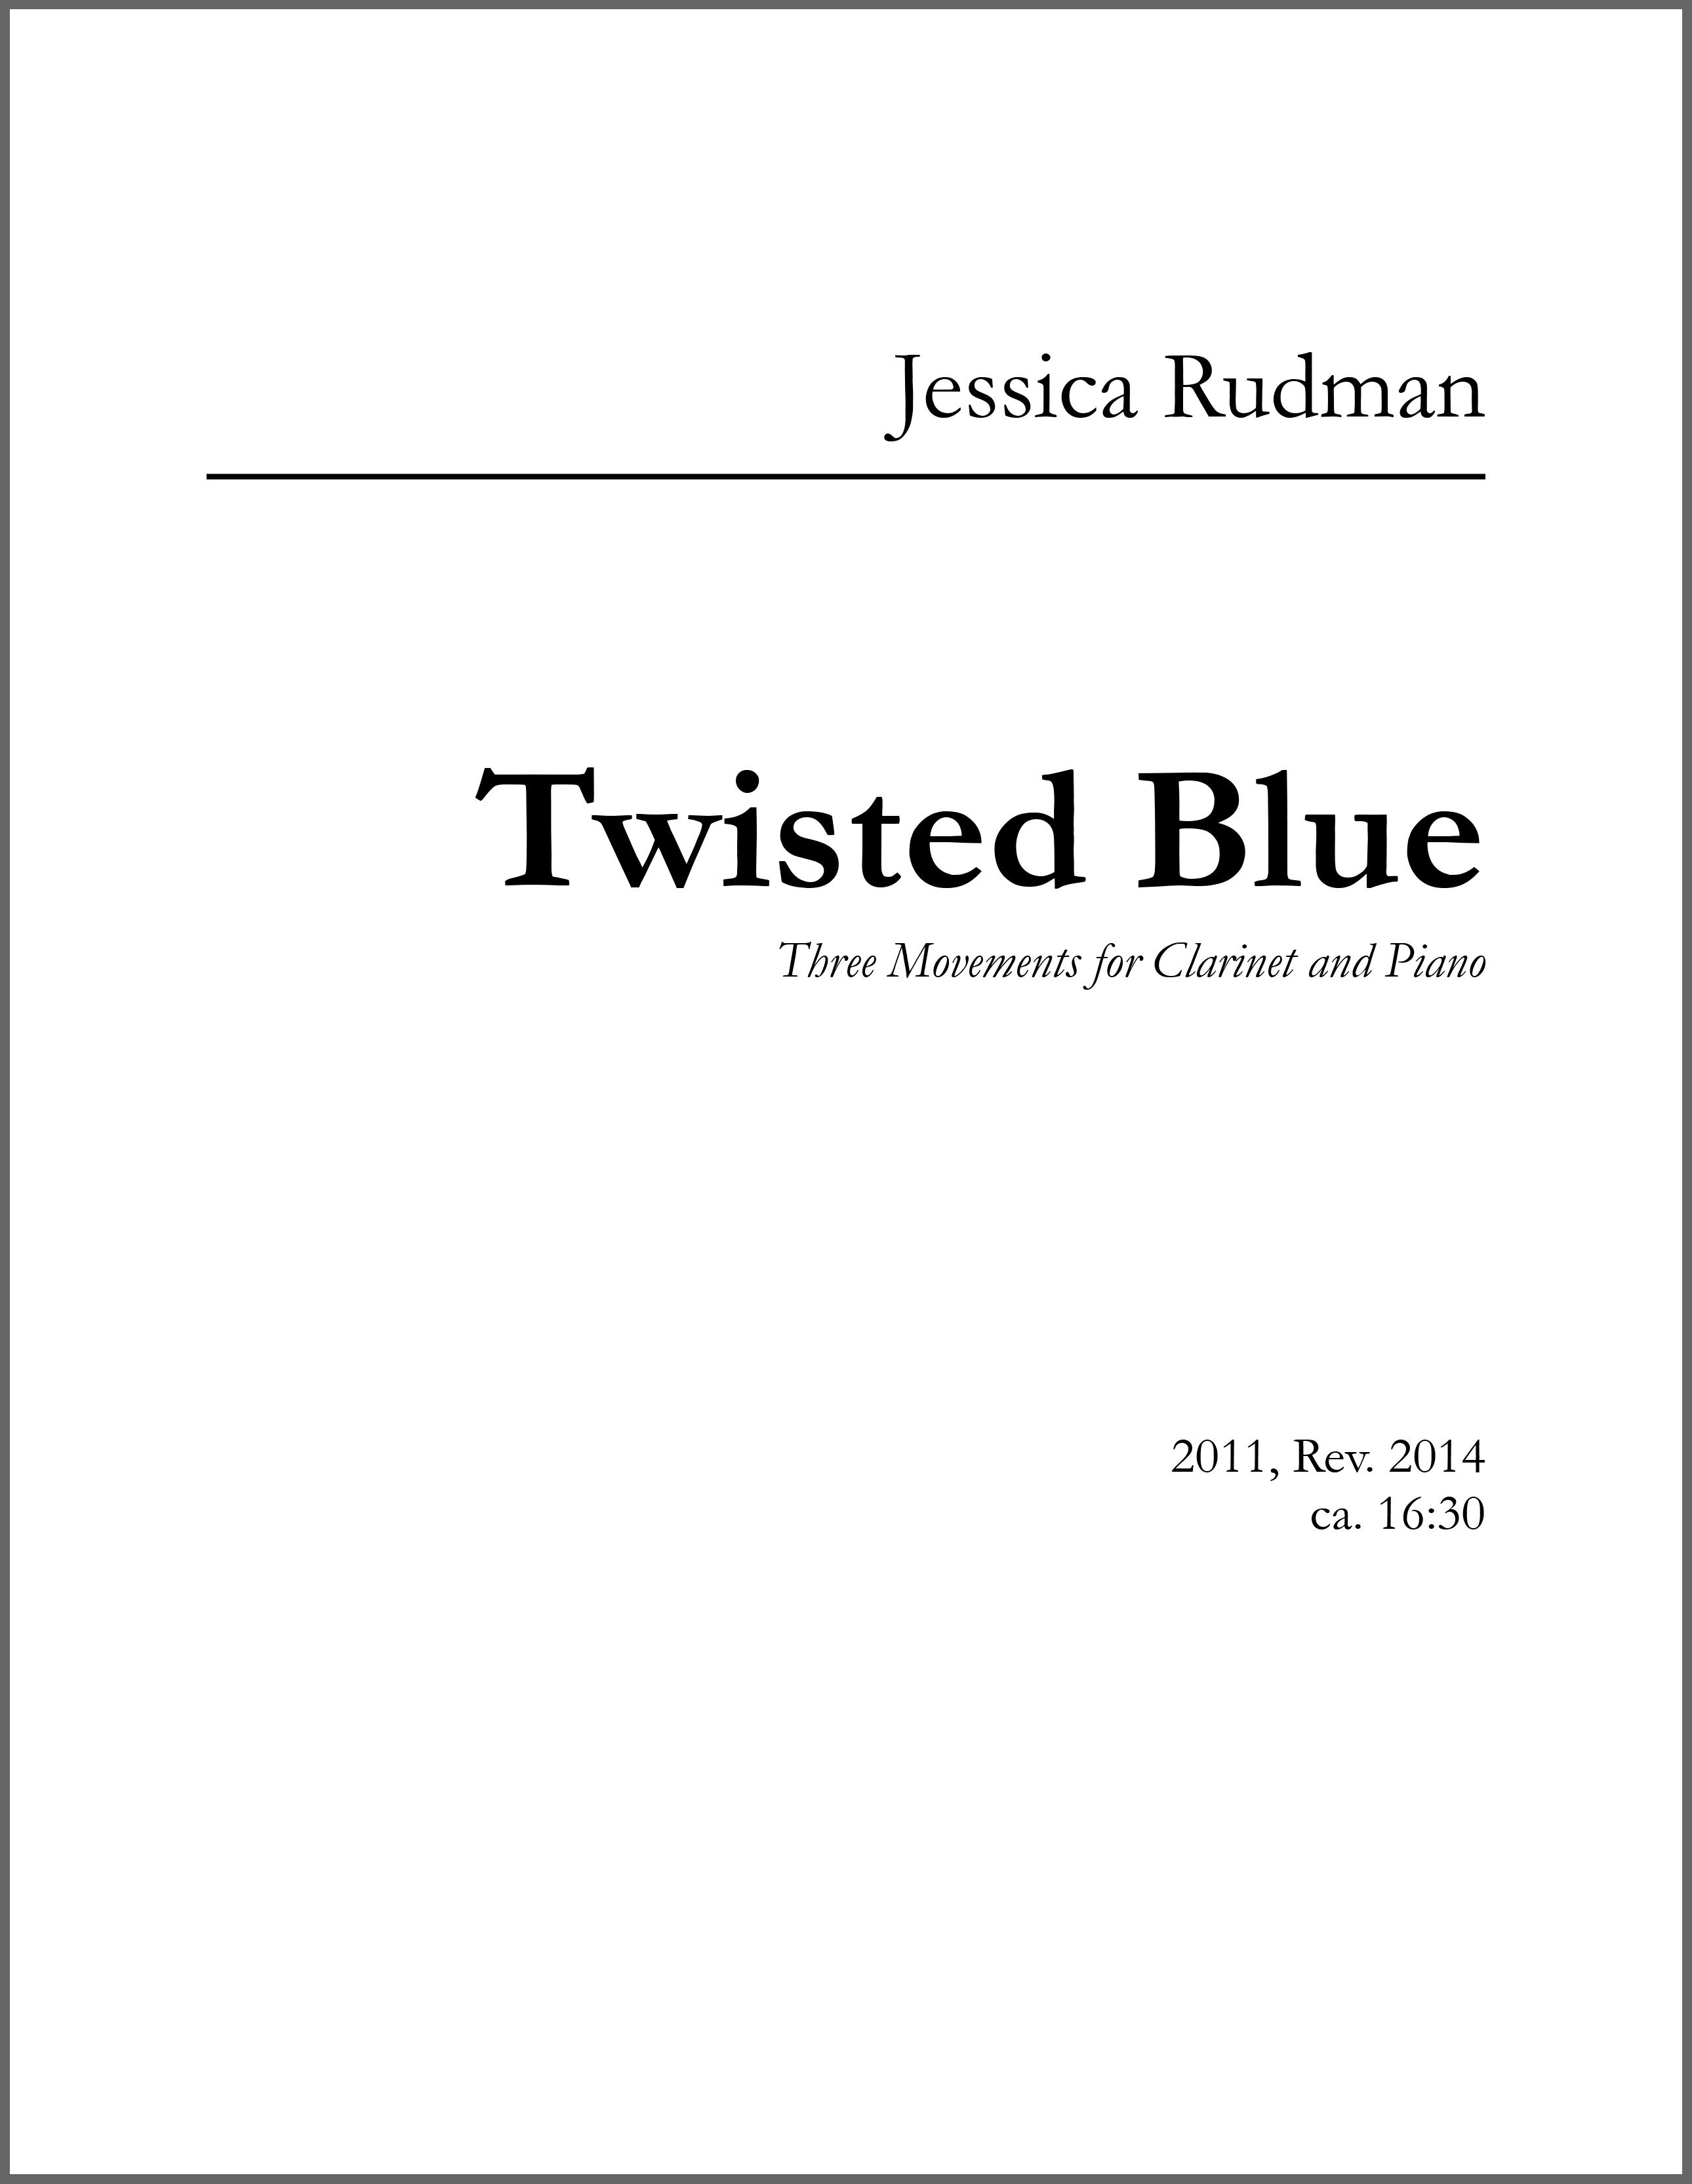 TwistedBlue-PnoRed-Product Image